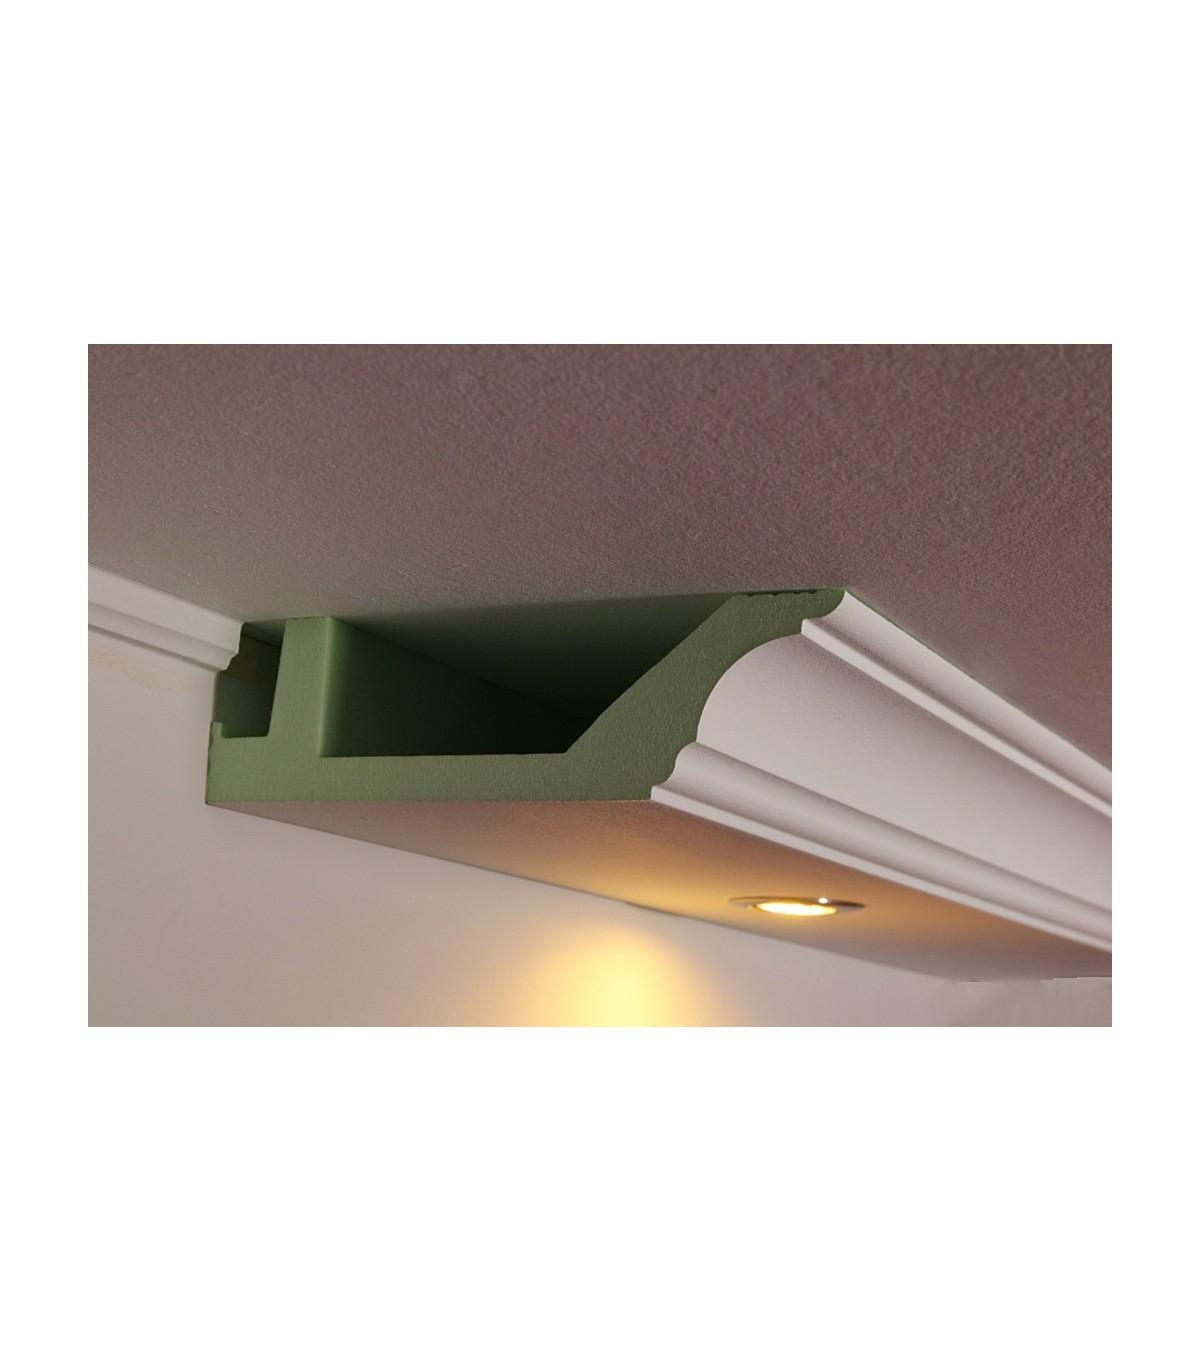 lichtprofil bskl 290a pr f r direkte led beleuchtung der wand bendu. Black Bedroom Furniture Sets. Home Design Ideas